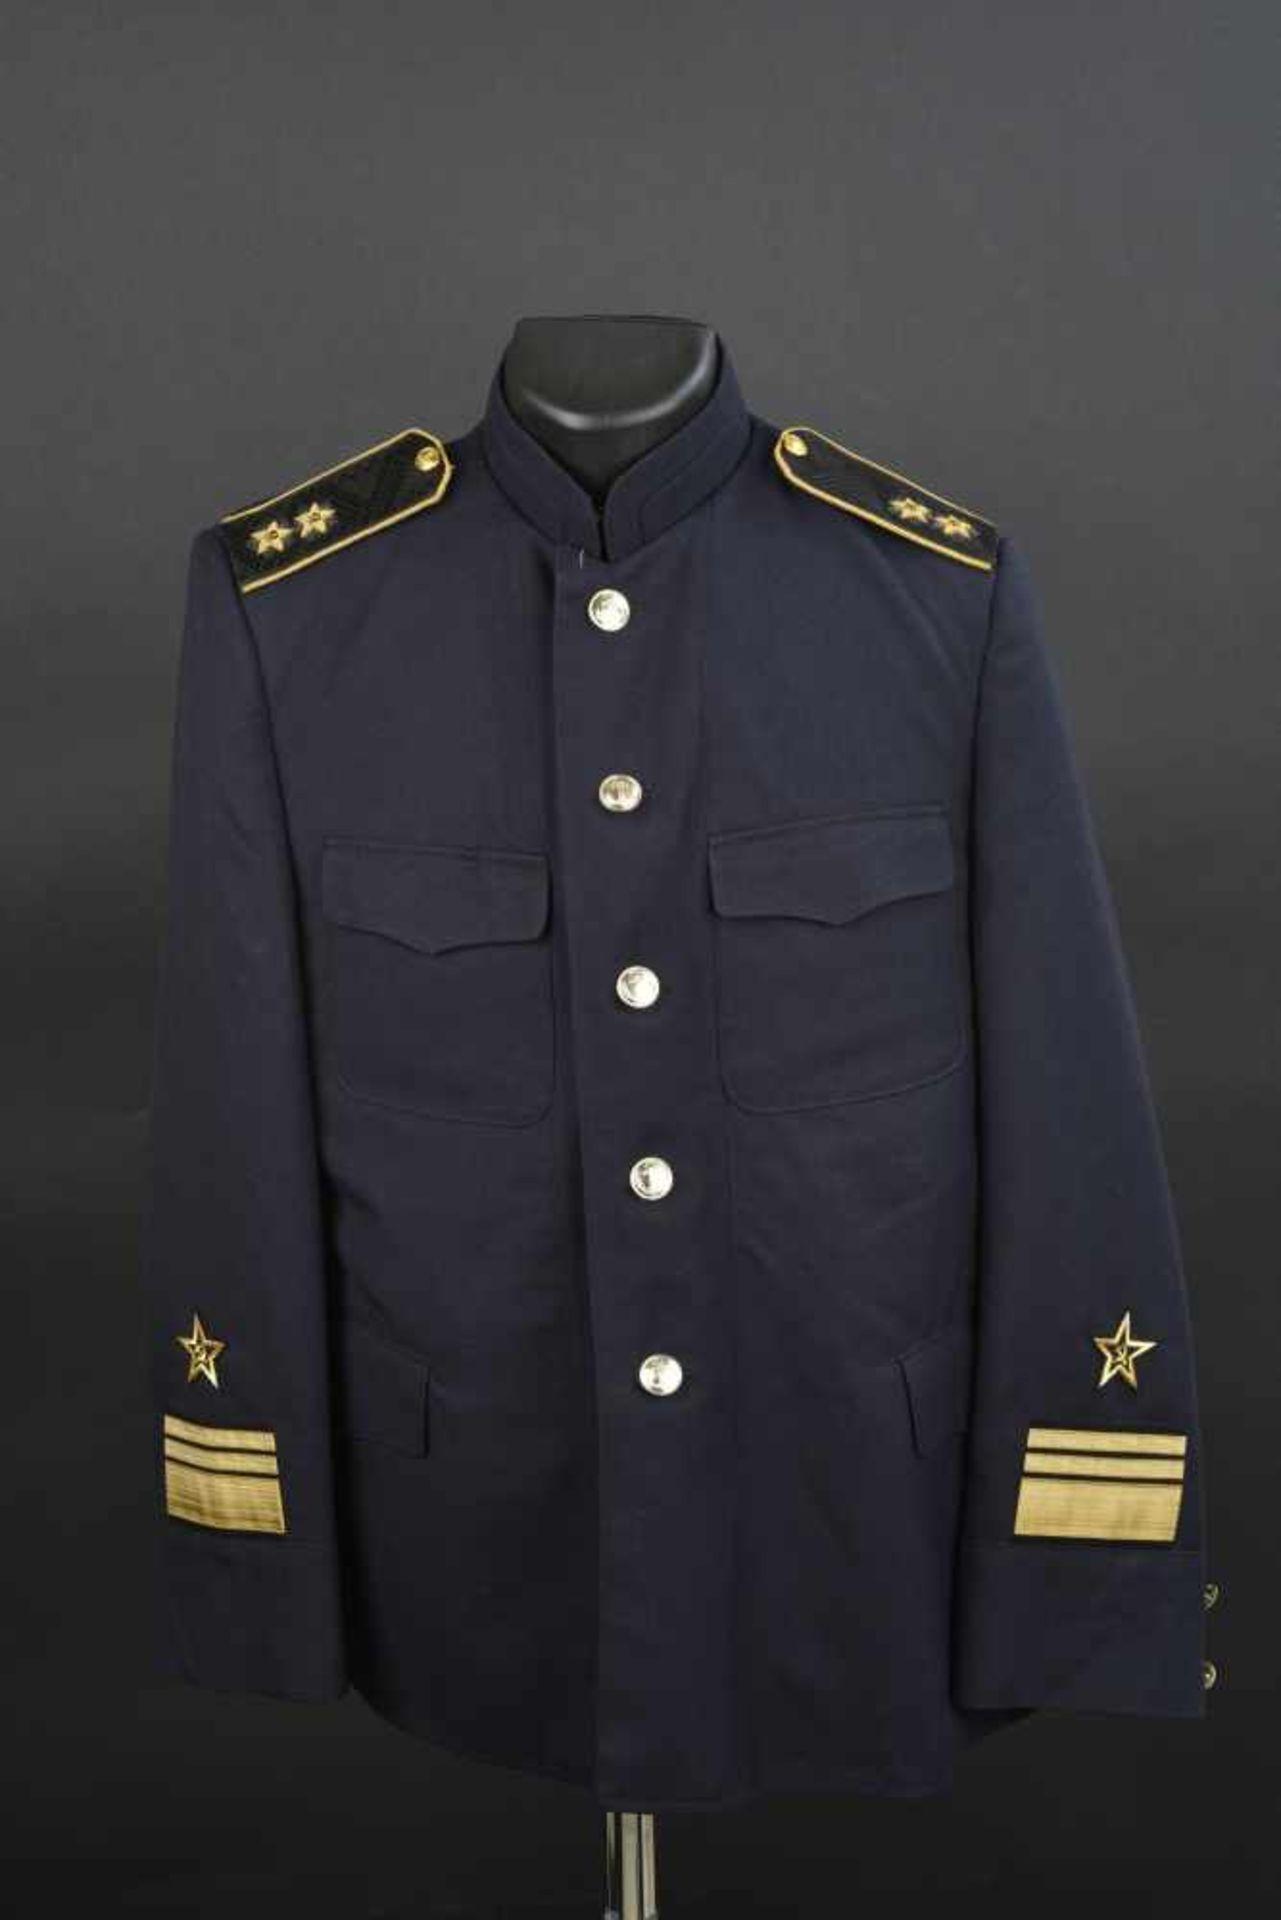 Vareuse de bord de vice-amiral soviétique, année 1990 En tissu bleu, tous les boutons sont présents,